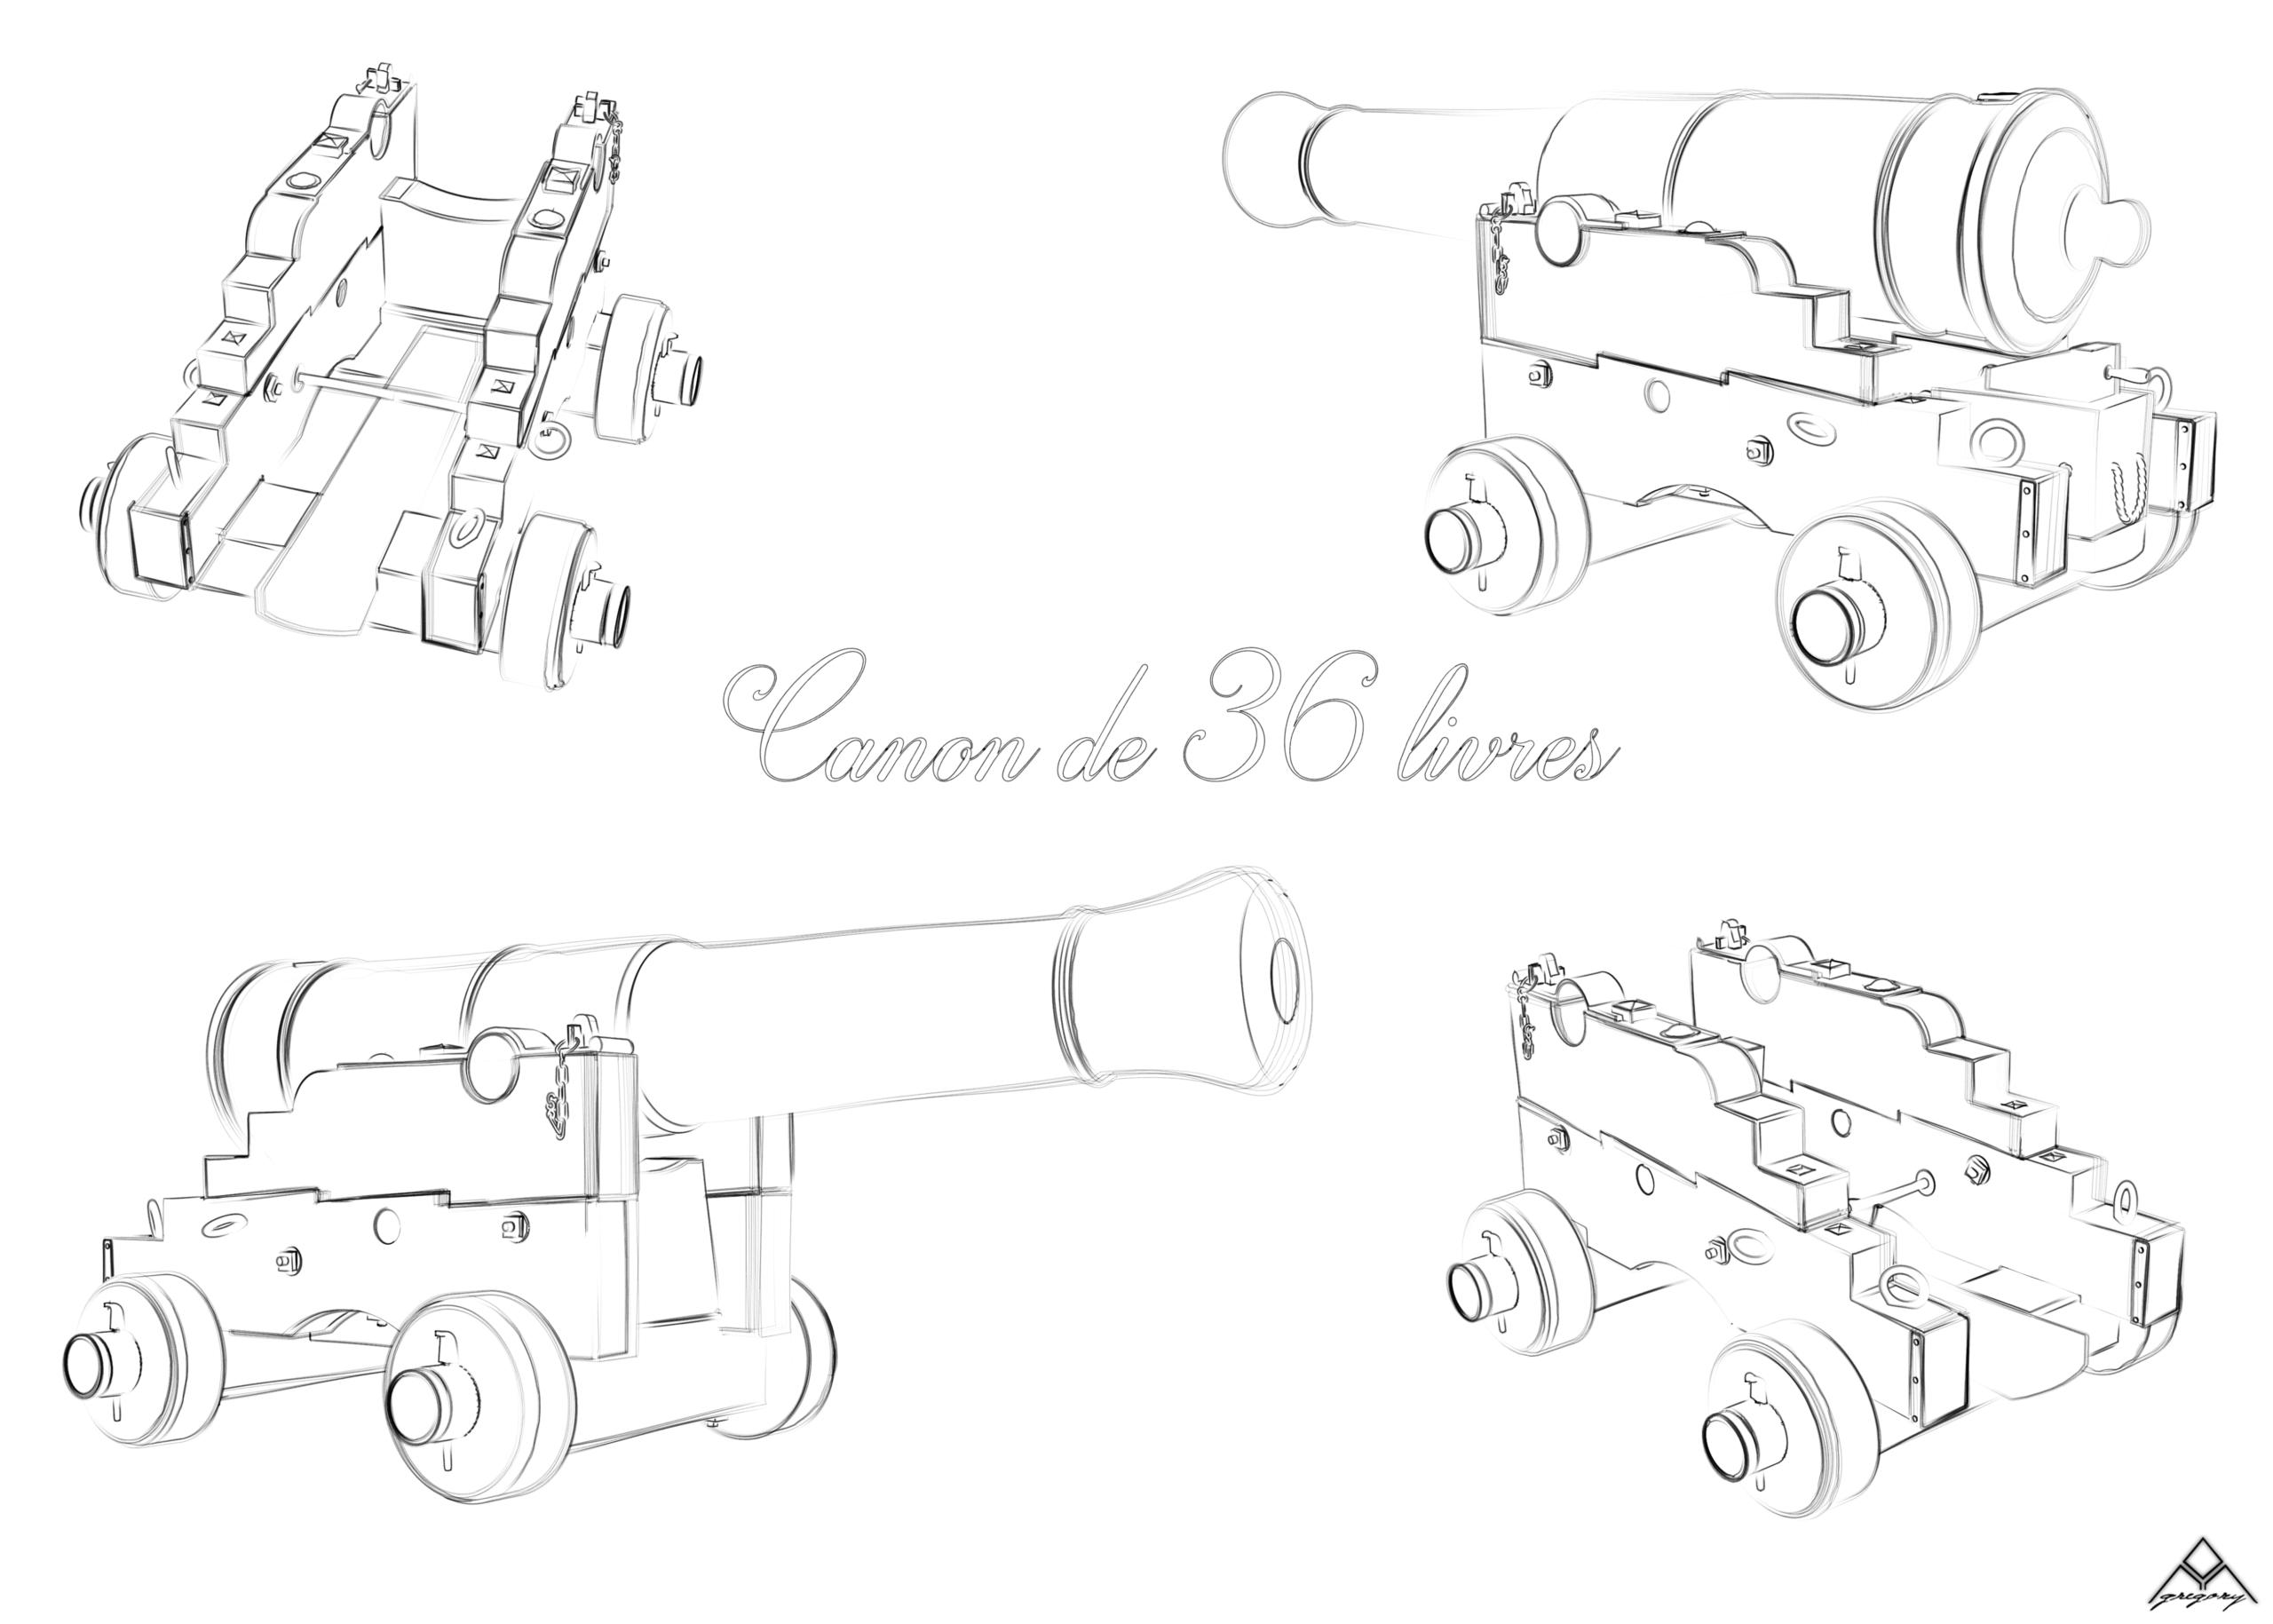 Canons de vaisseau 74 canons (Création 3D) par Greg_3D - Page 6 Canon_62